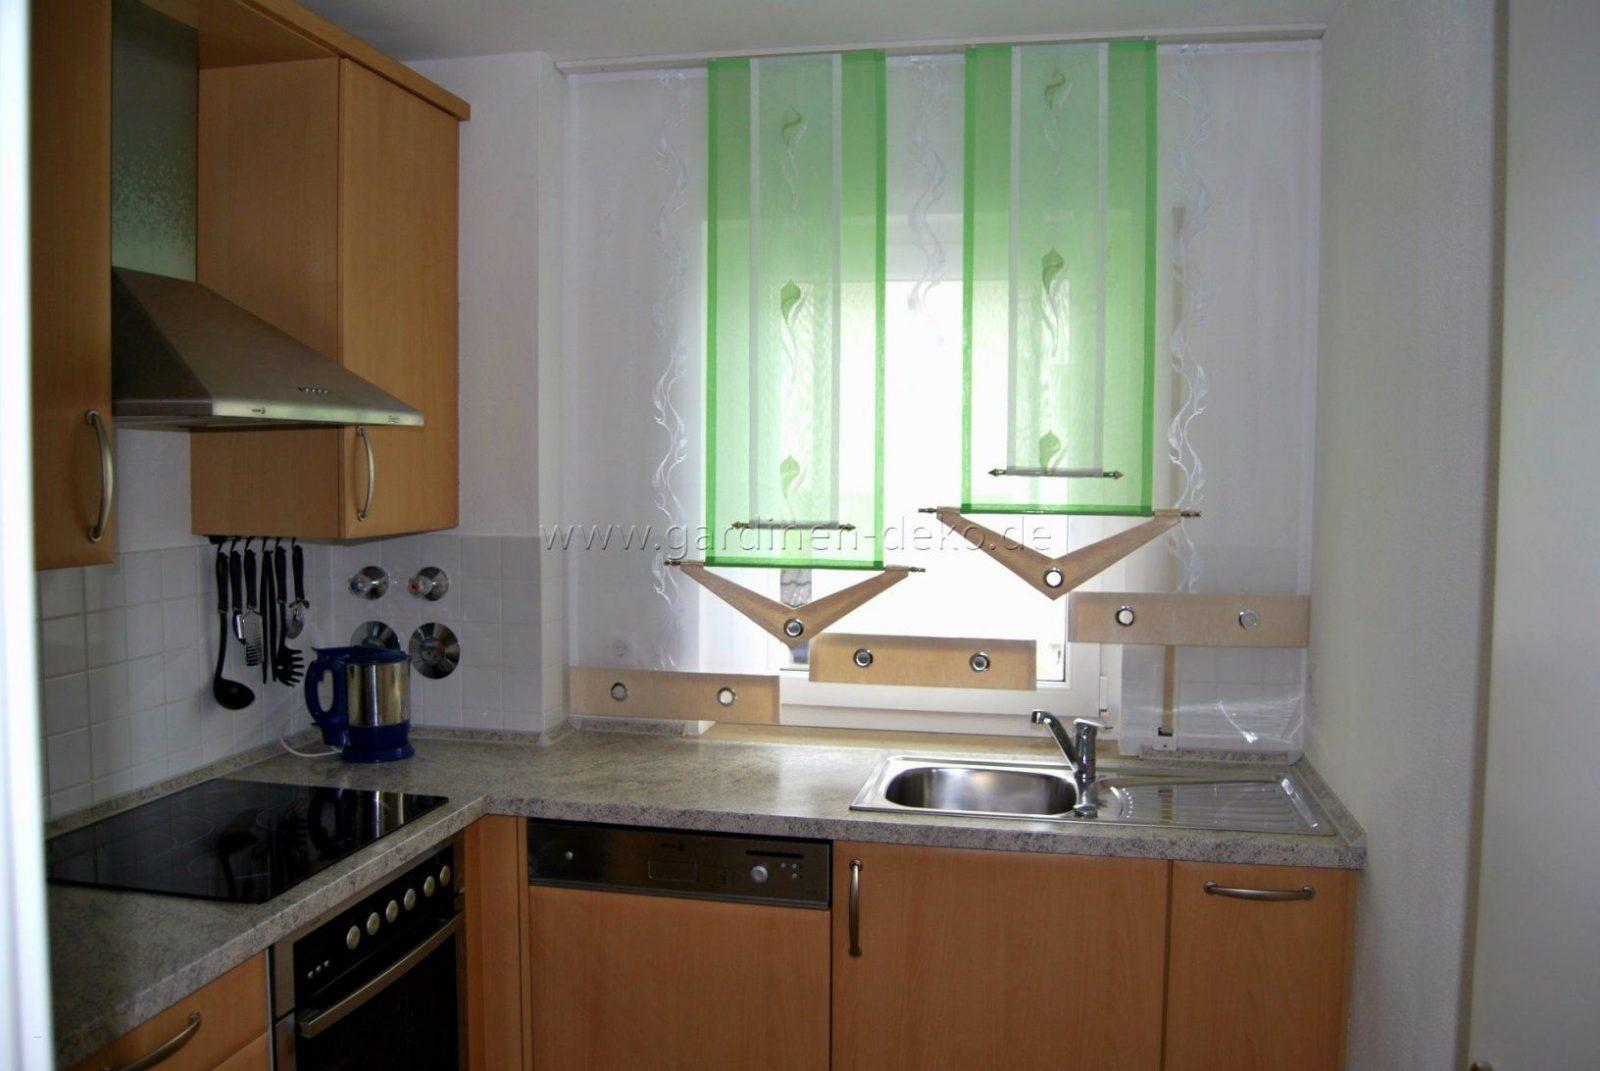 Fensterdeko Küche Modern Schön Küchenfenster Dekorieren Kuechen von Gardinen Für Küche Modern Bild